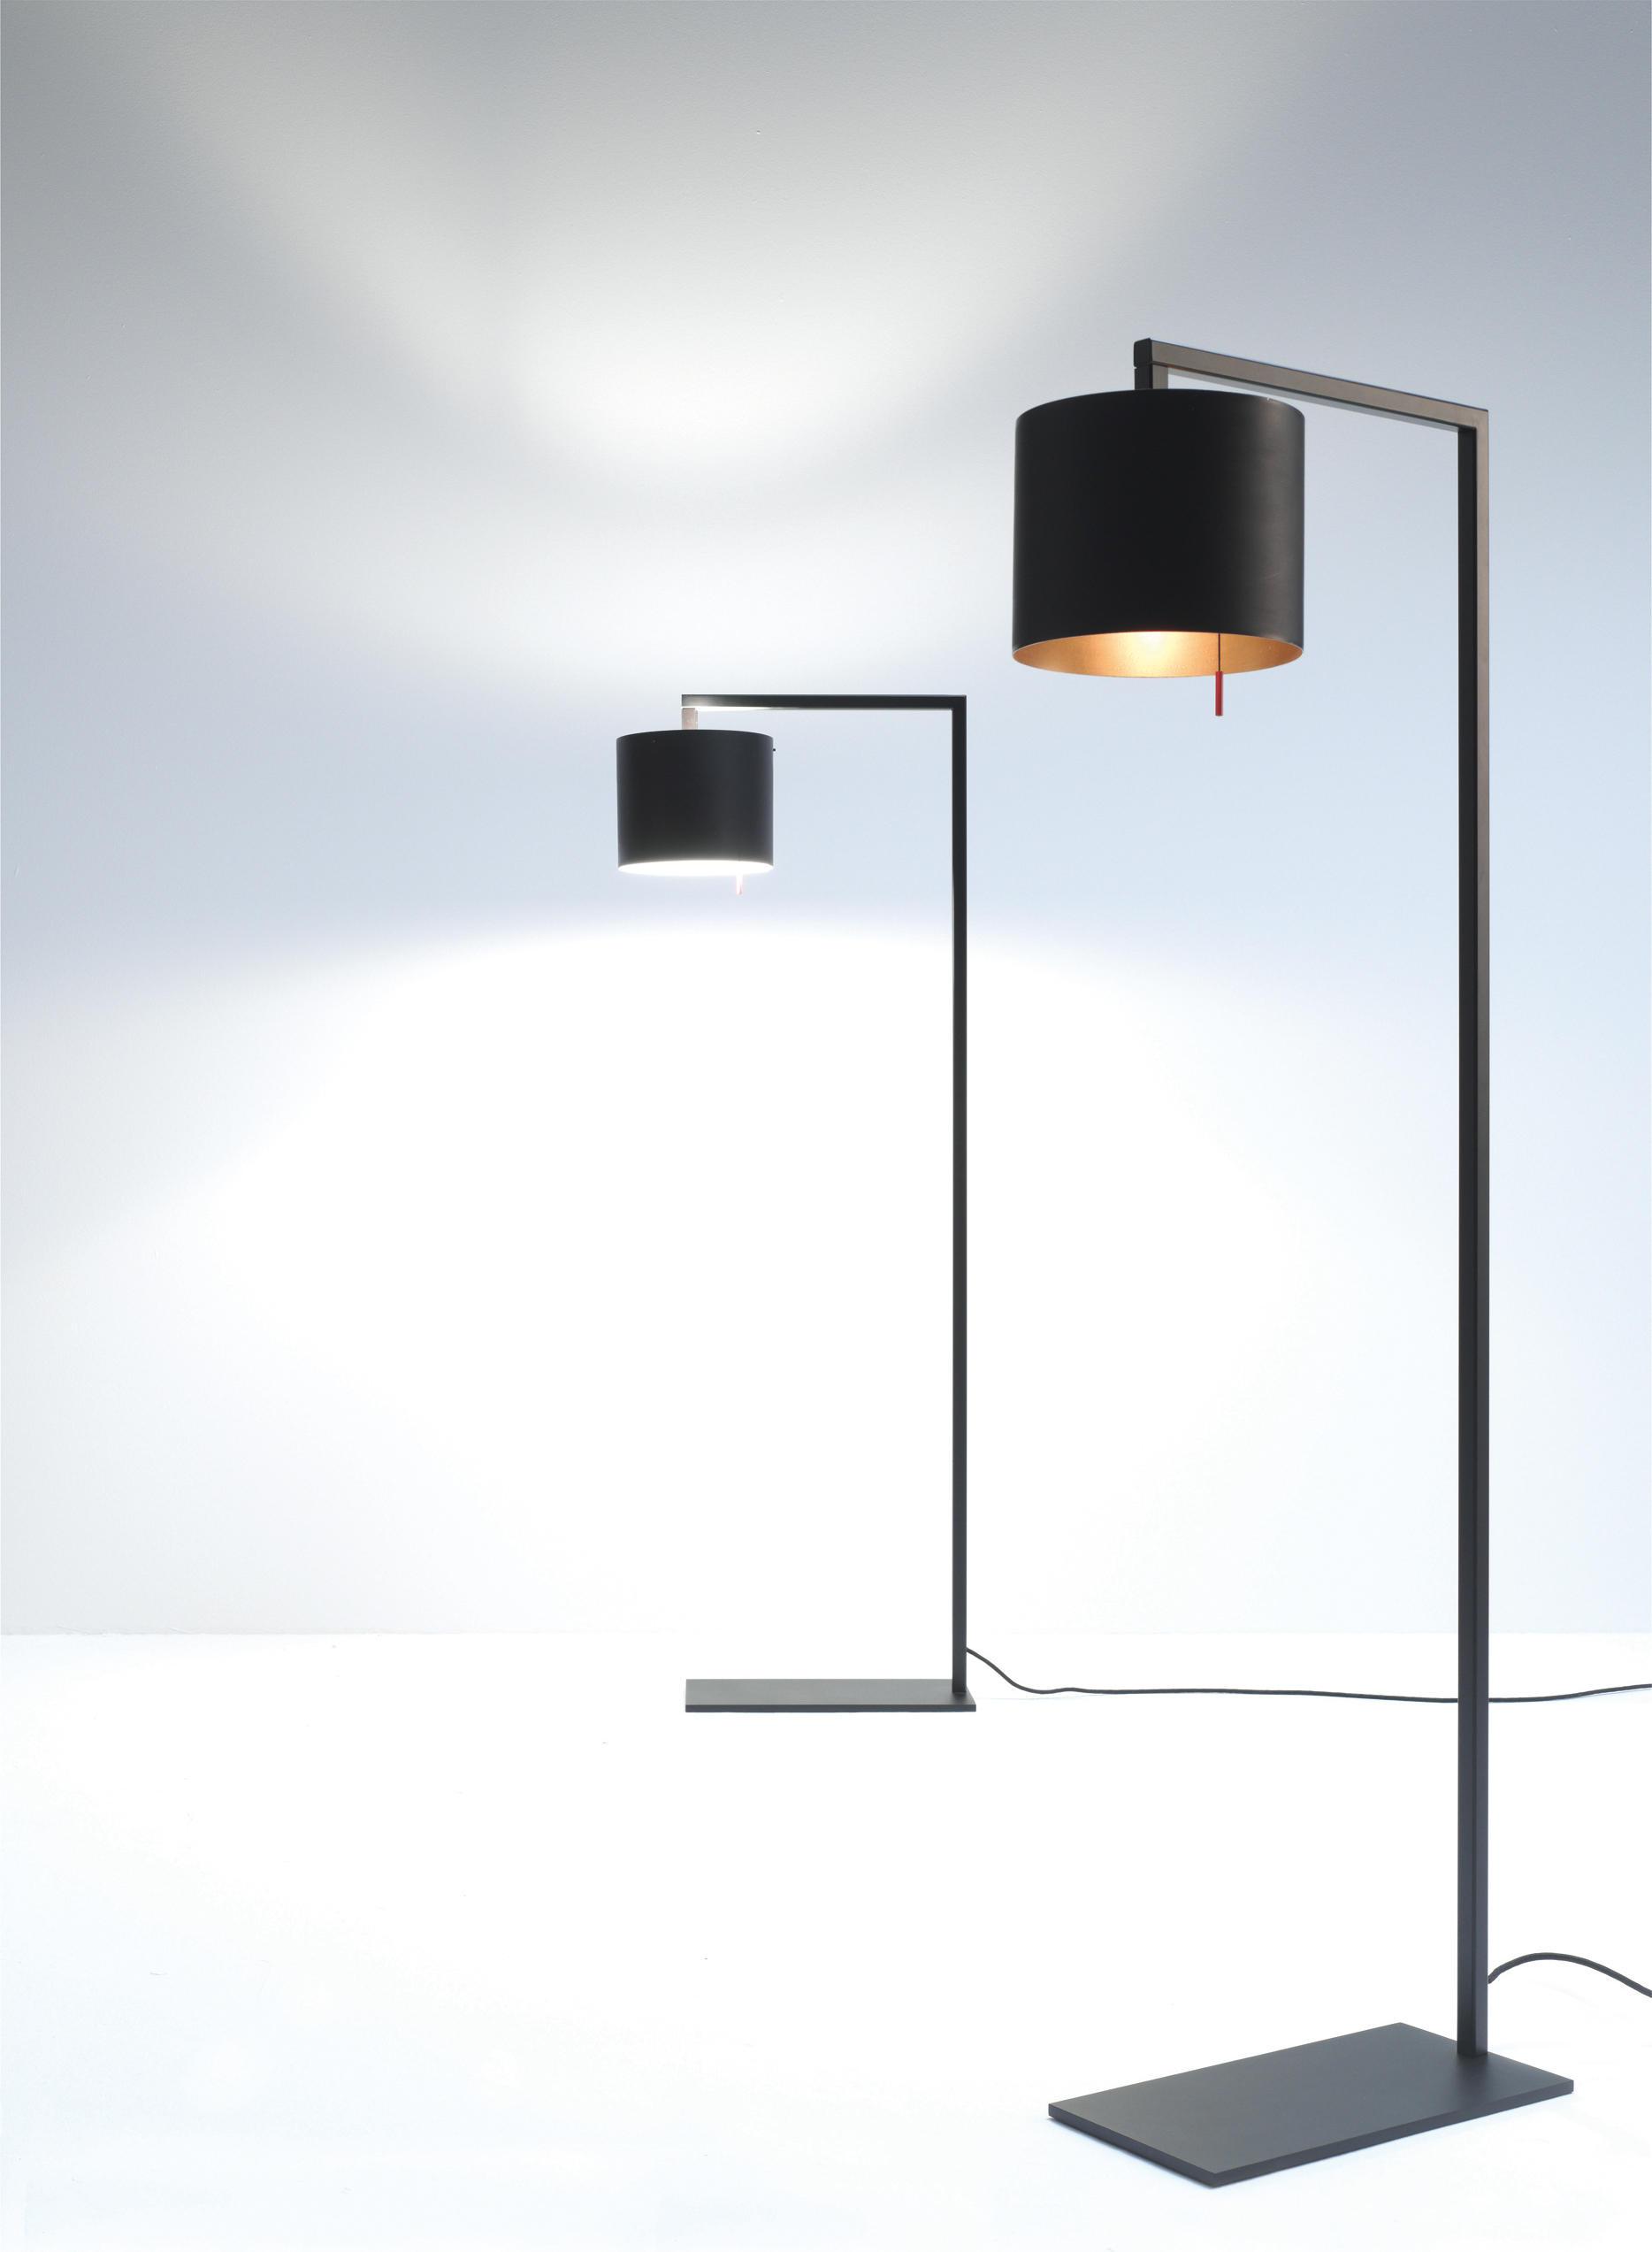 afra-sl-schwarz-h Faszinierend Stehlampe Studio Schwarz Gold Dekorationen